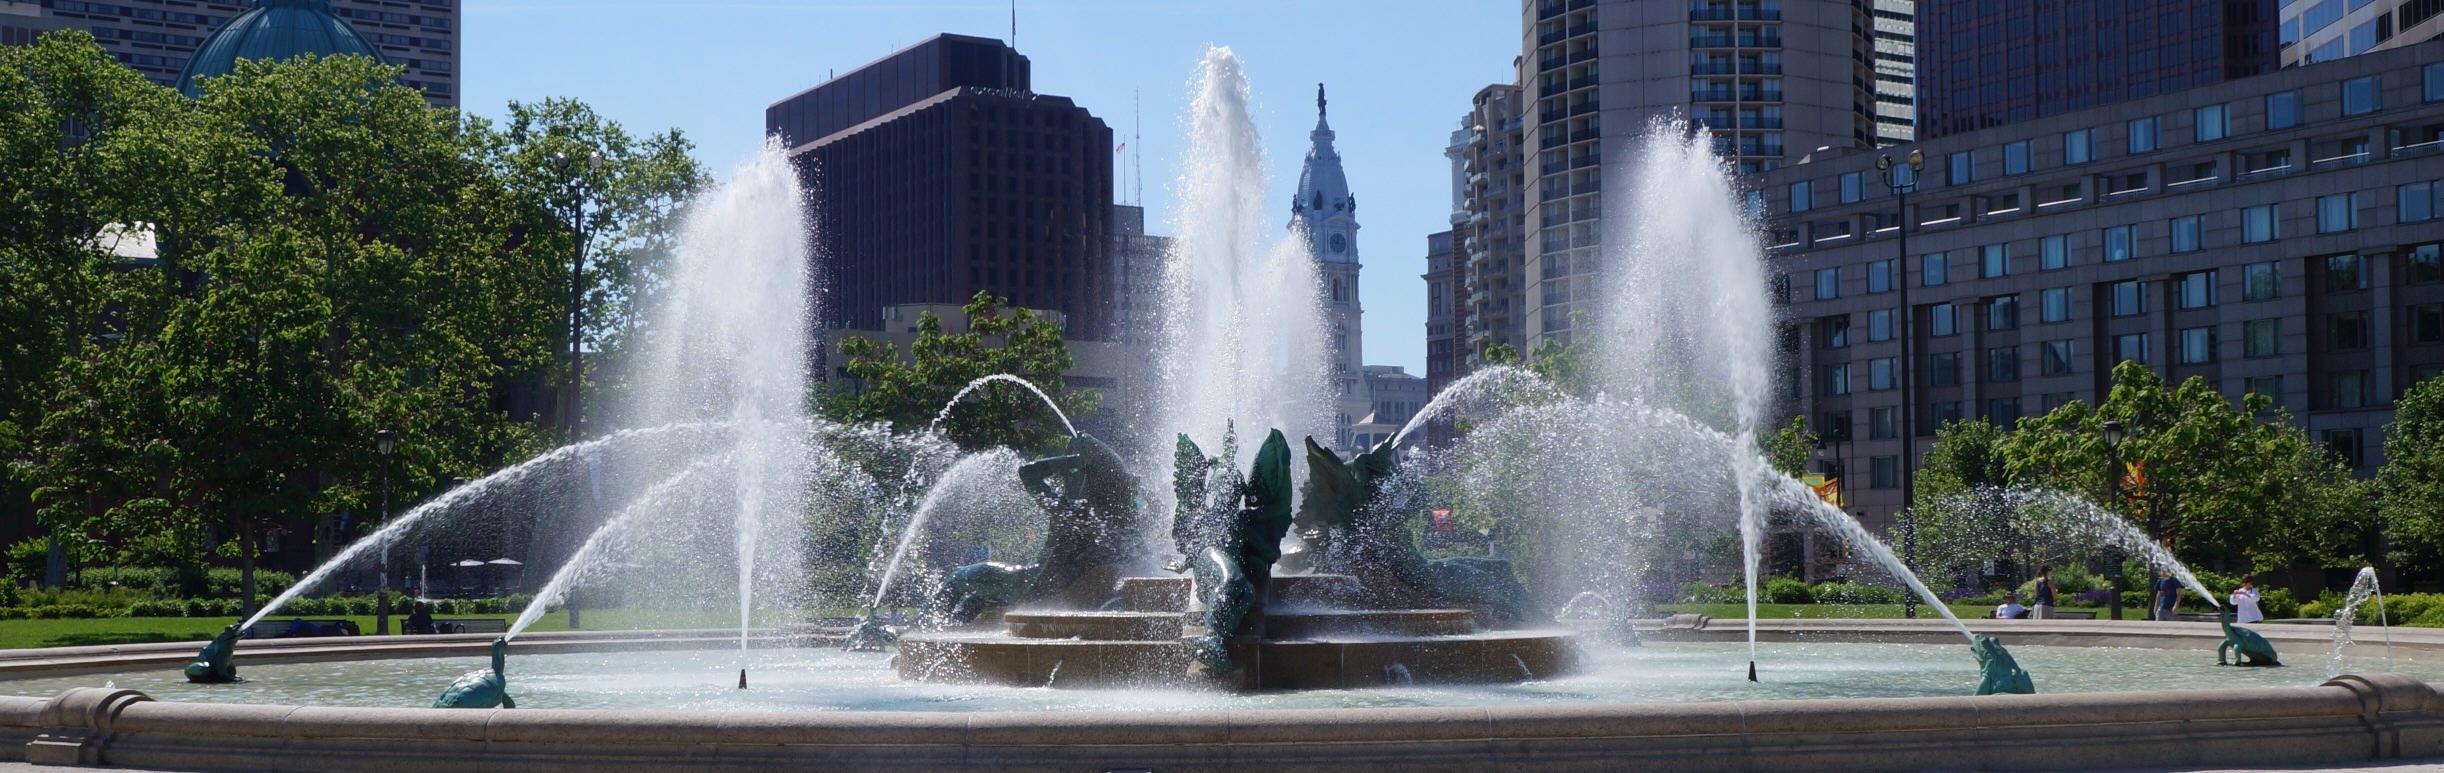 Swann Memorial Fountain Public Art